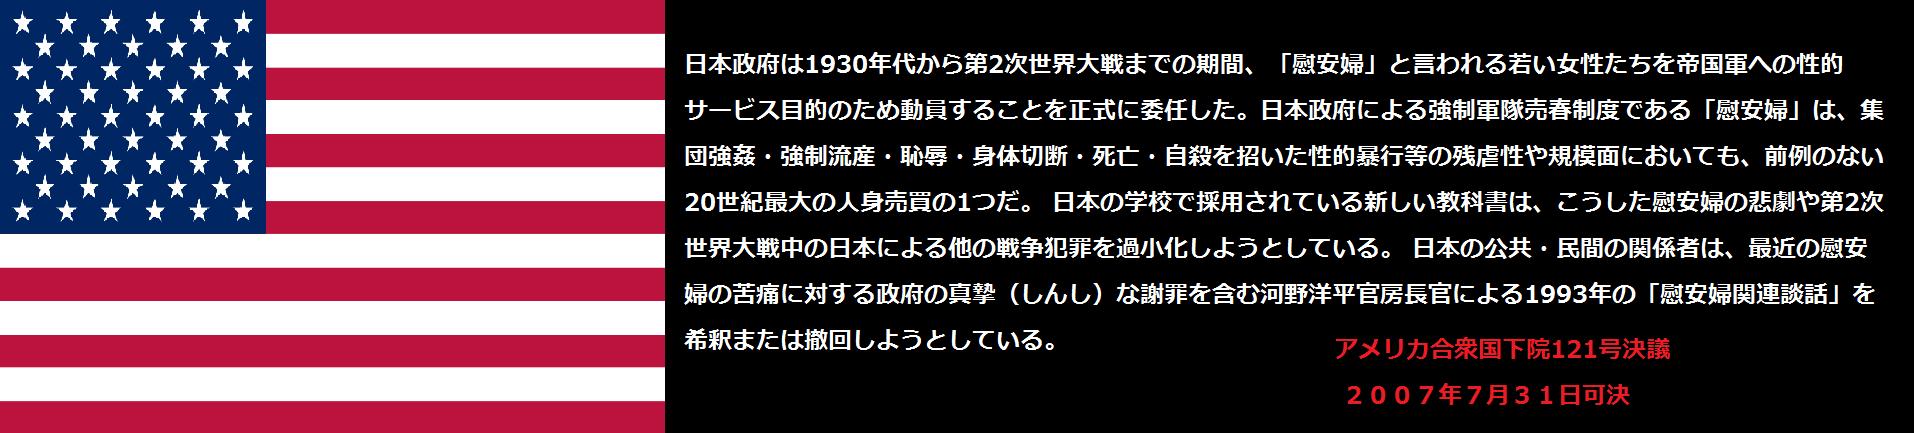 f:id:JAPbuster:20170107174046p:plain